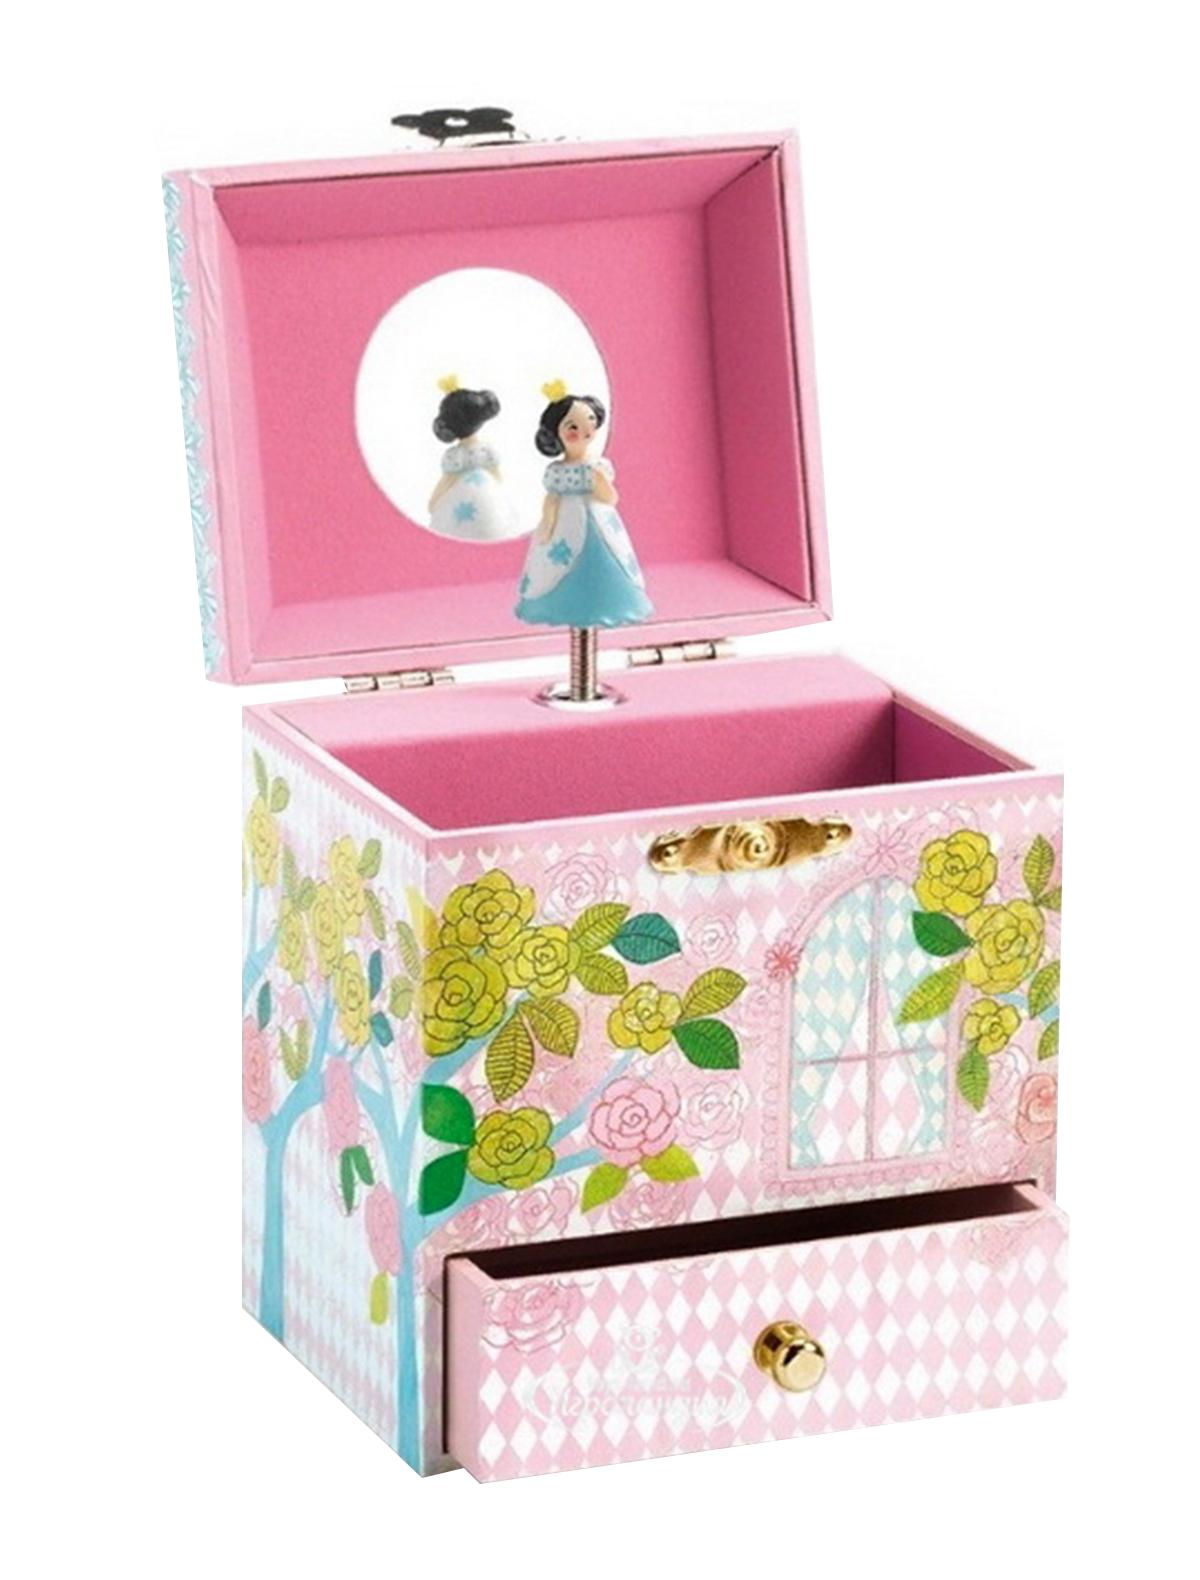 Купить 2135331, Игрушка Djeco, розовый, 7132628980037